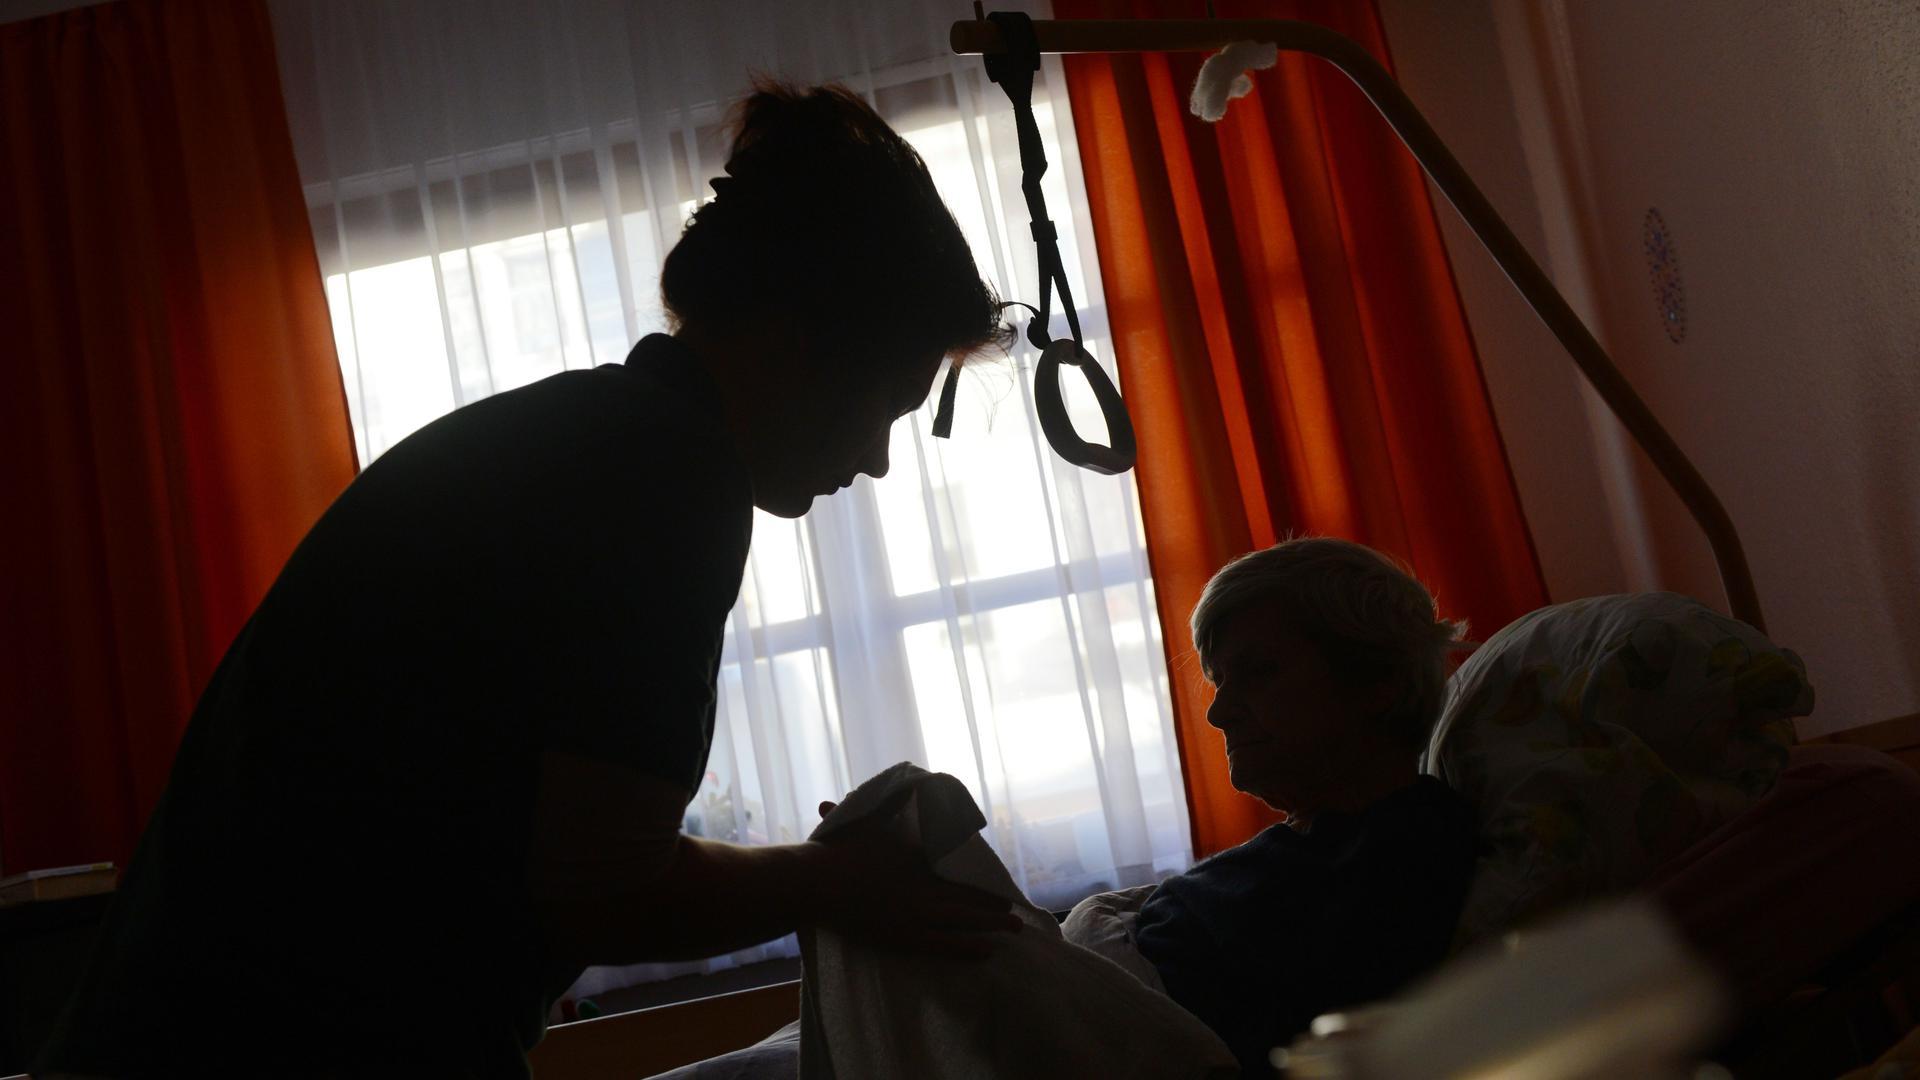 Helfer sind nicht wegzudenken: Die Pflegebranche ist ein wichtiger Baustein der Gesellschaft. Doch niedrige Löhne, Personalmangel und hohe Kosten für Heimbewohner sind Dauerthemen geworden.